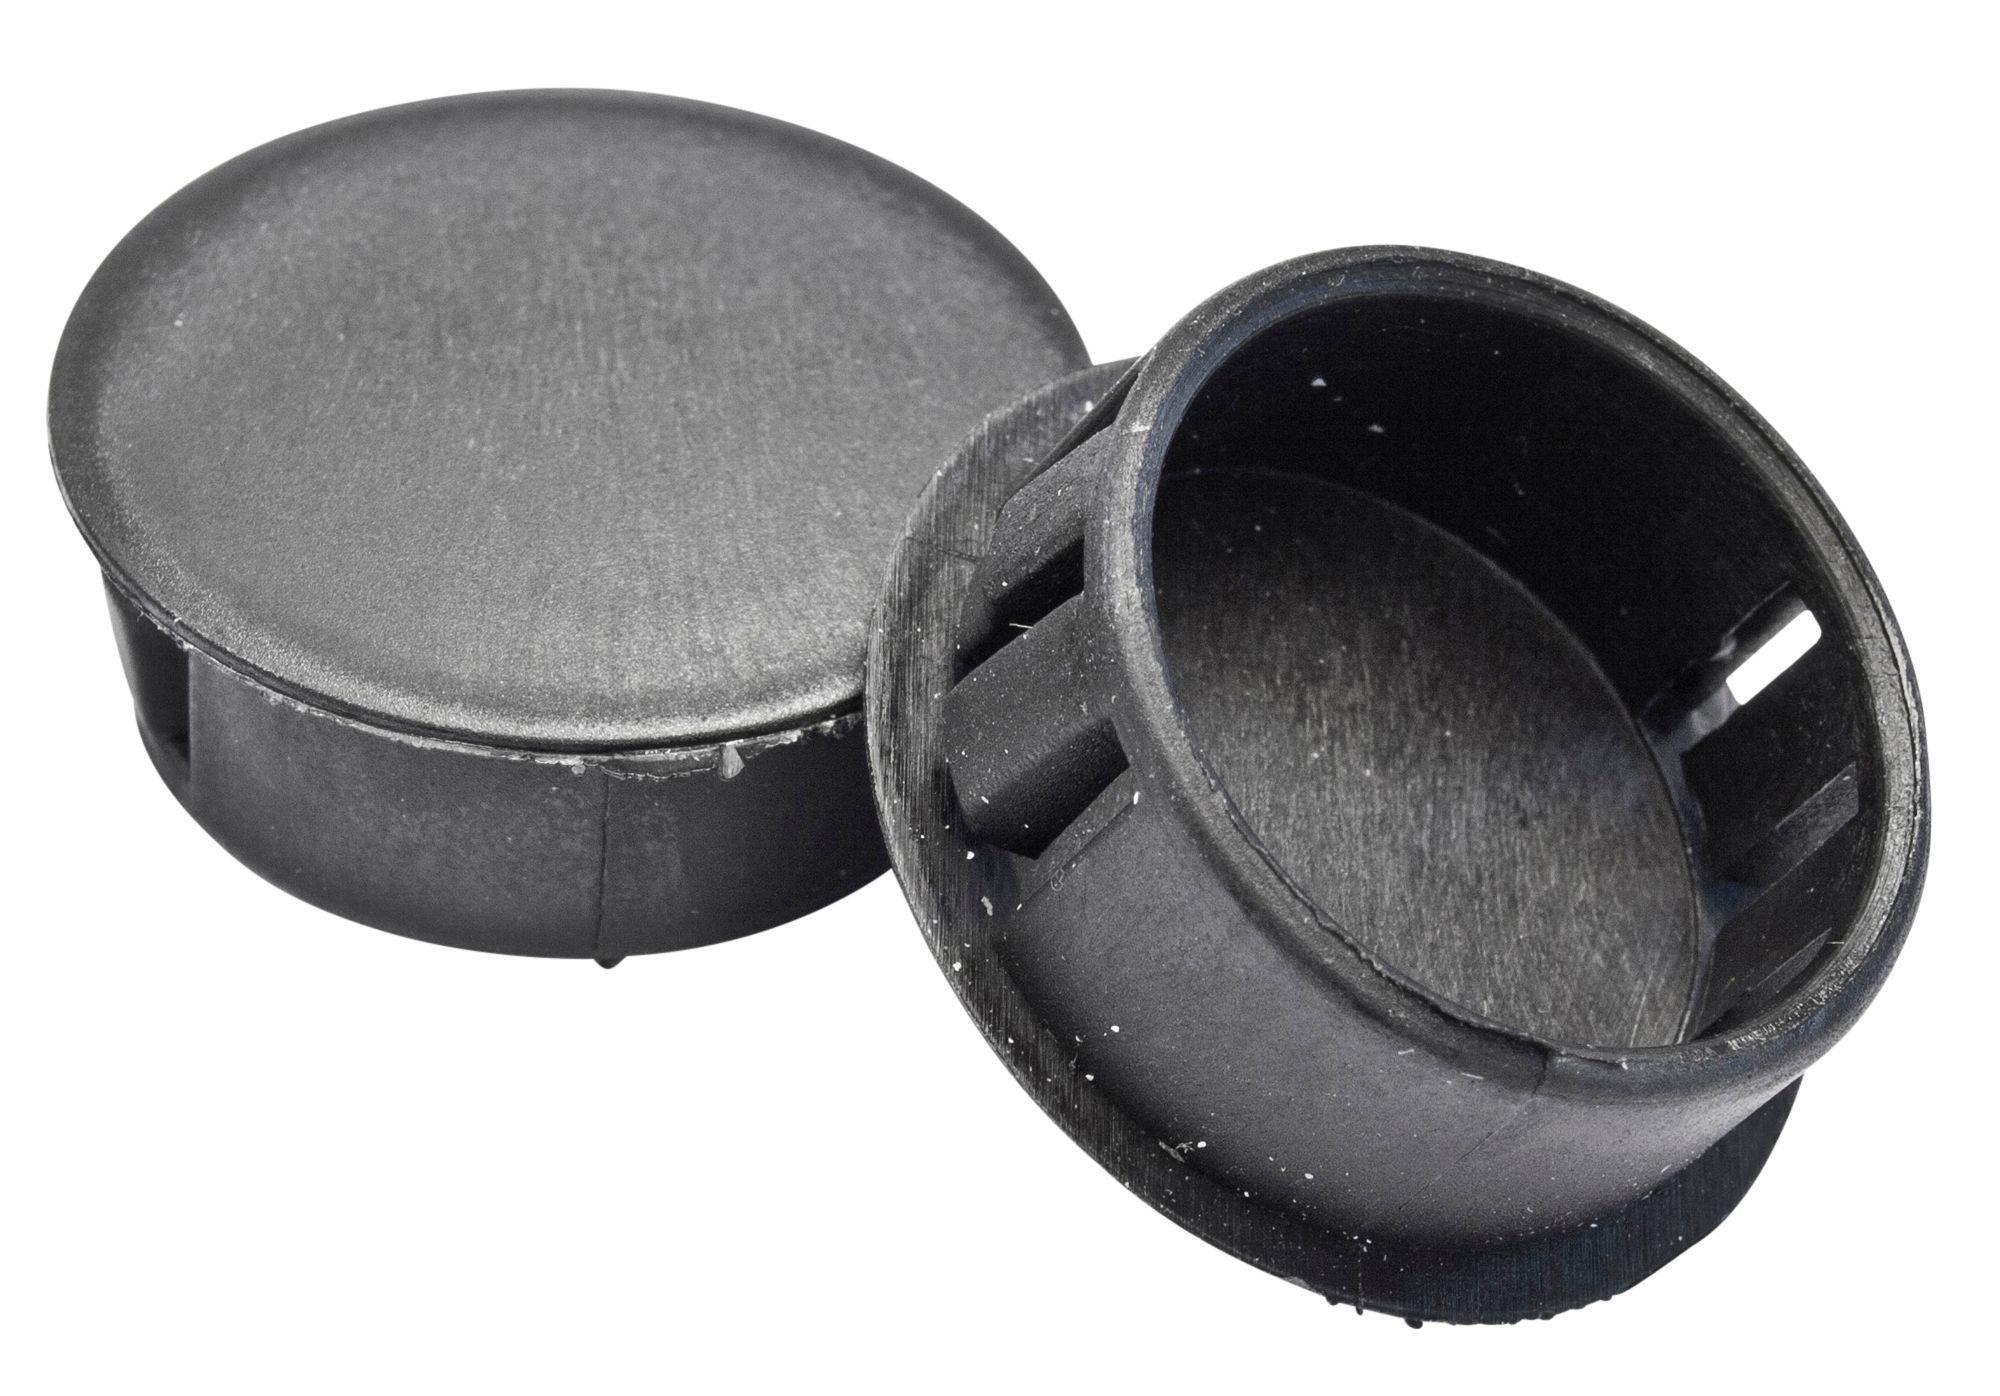 B Amp Q Bqe0447 Hole Plug L 19mm Pack Of 10 Departments